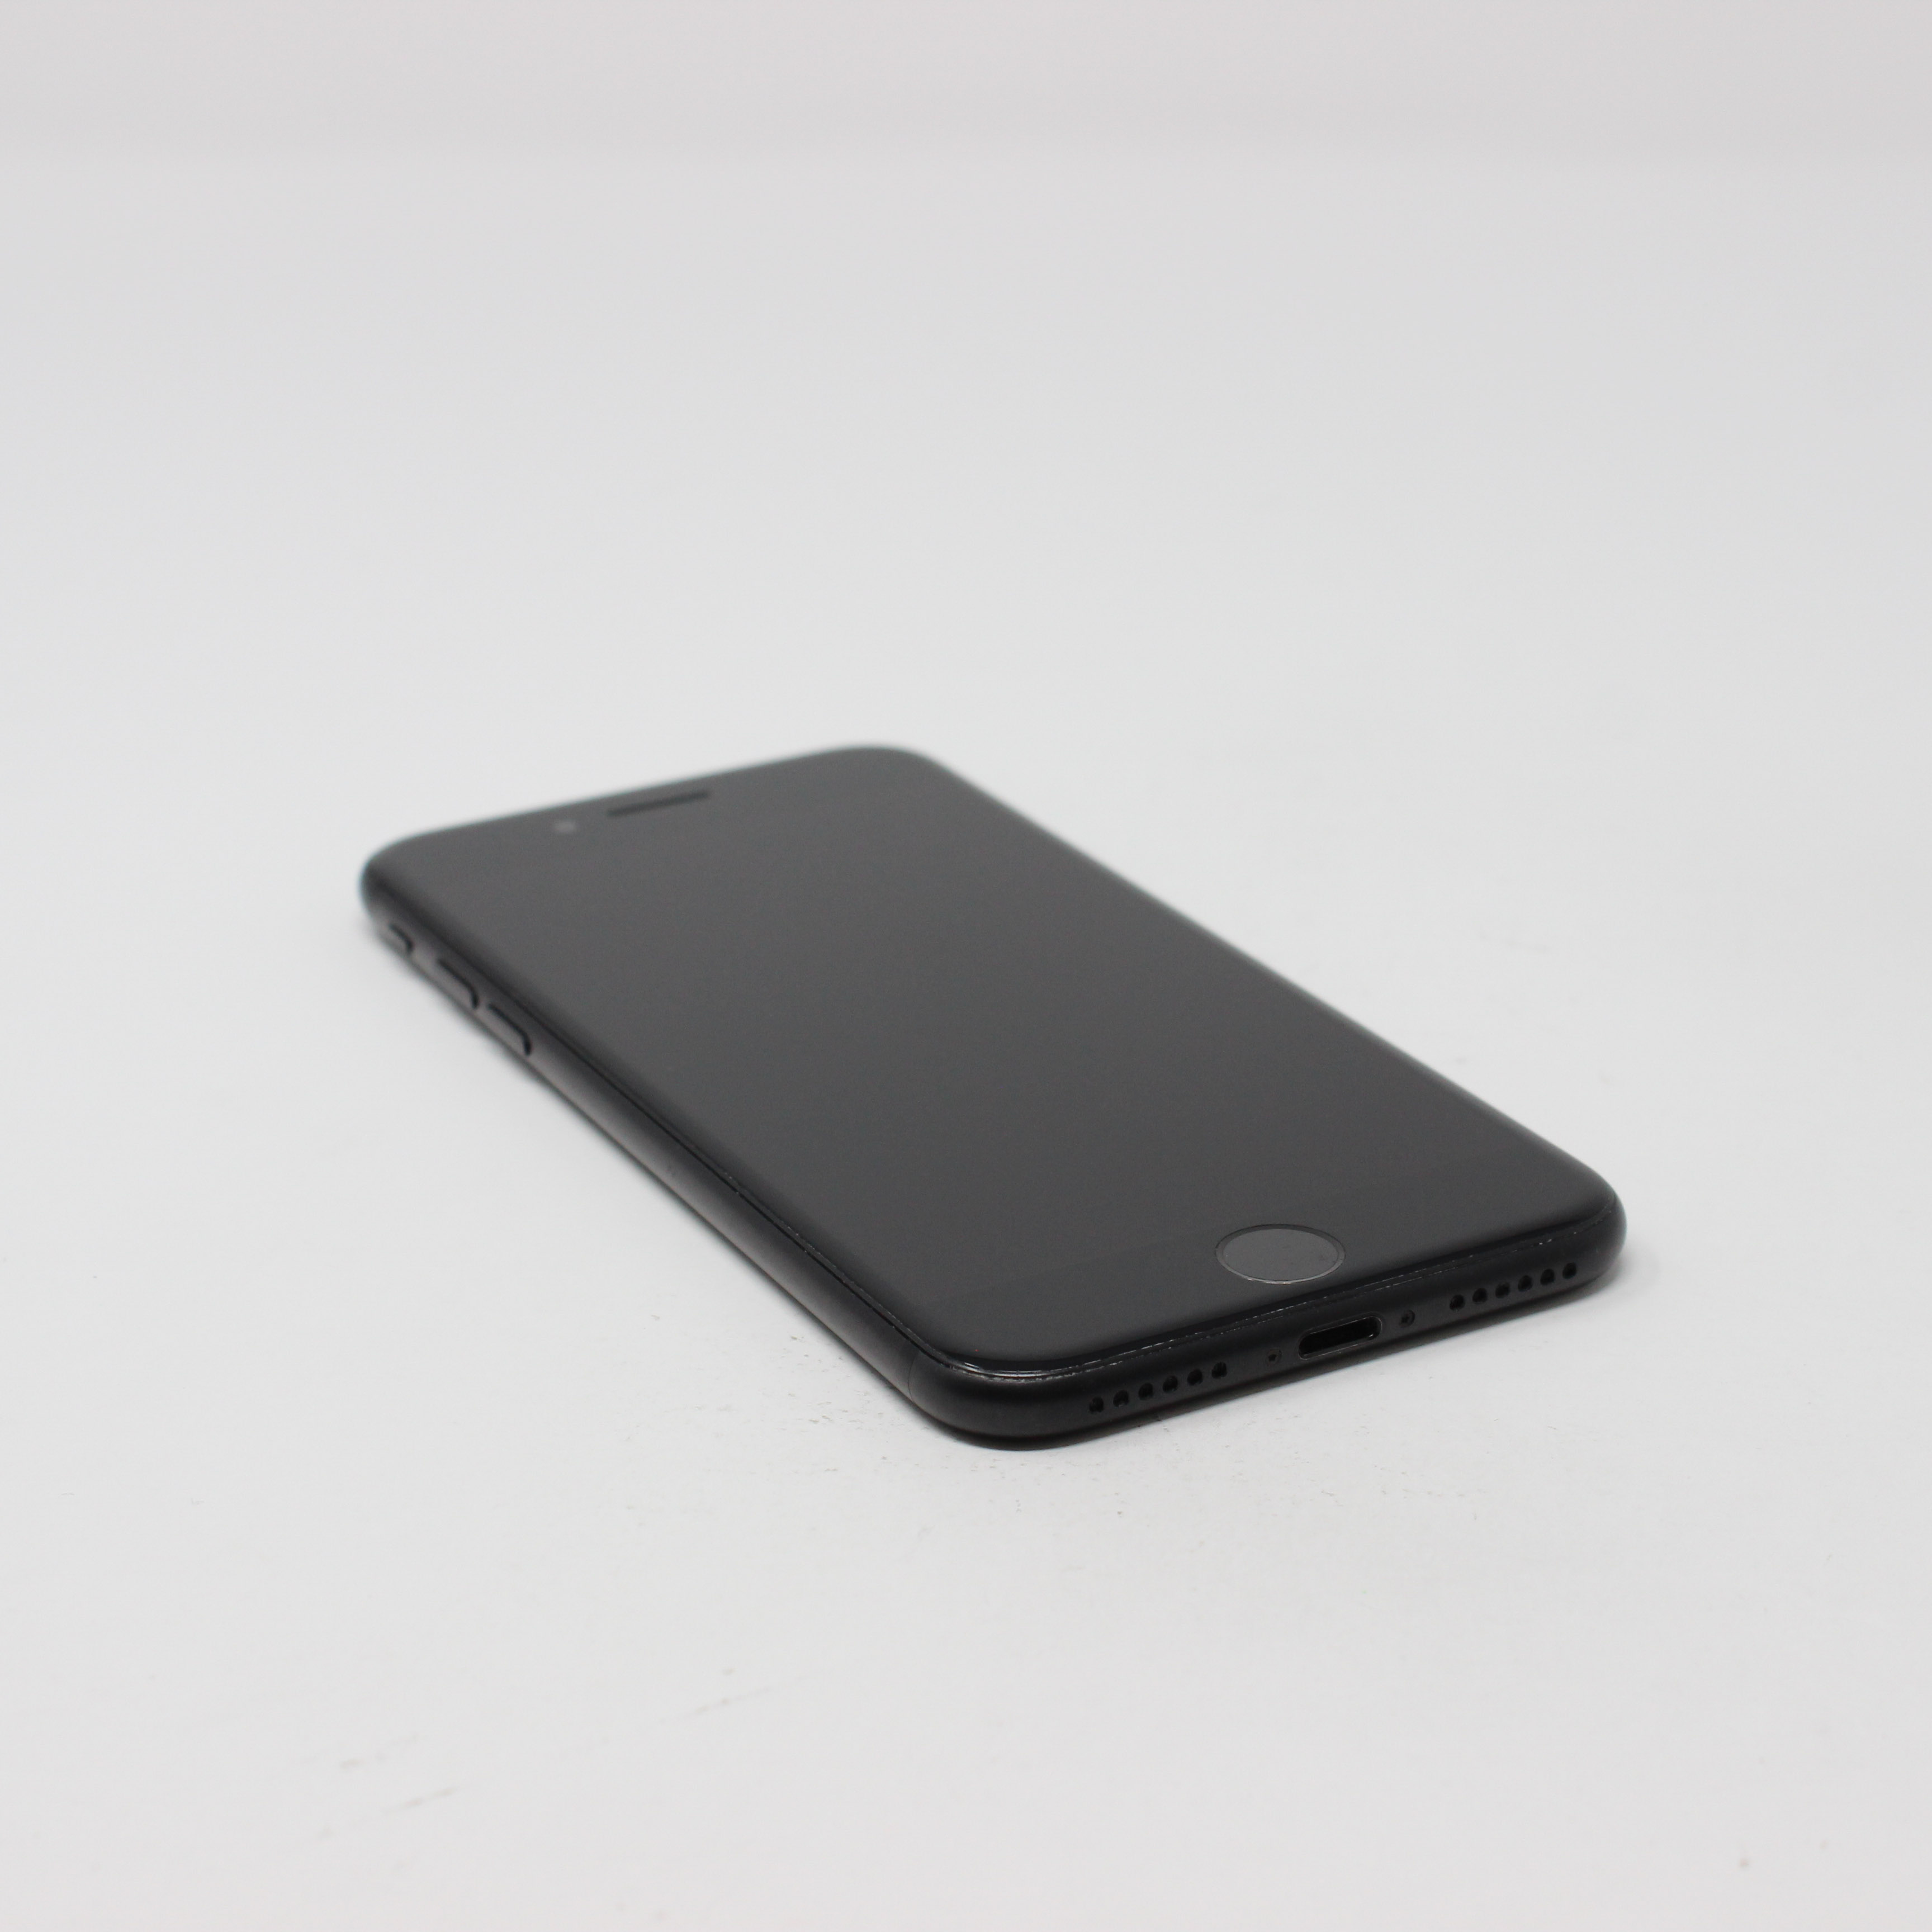 iPhone 7 32GB Black - AT&T photo 5   UpTradeit.com